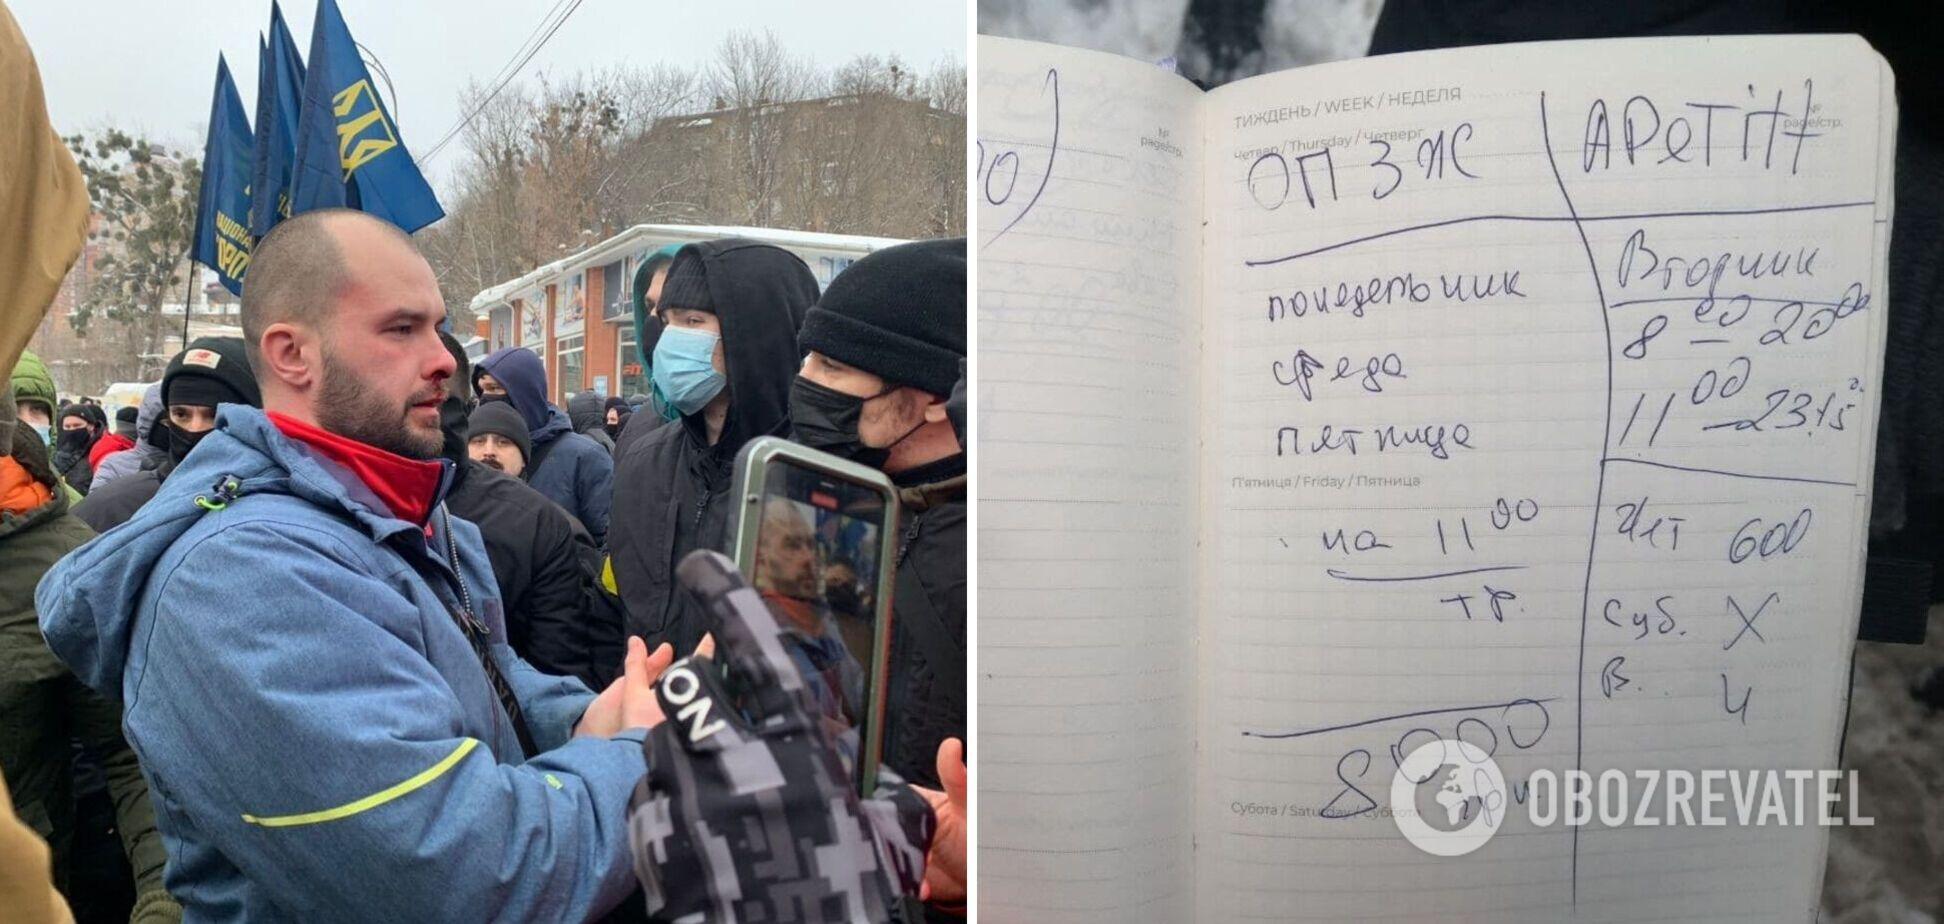 Противостояние в Тверском тупике в Киеве